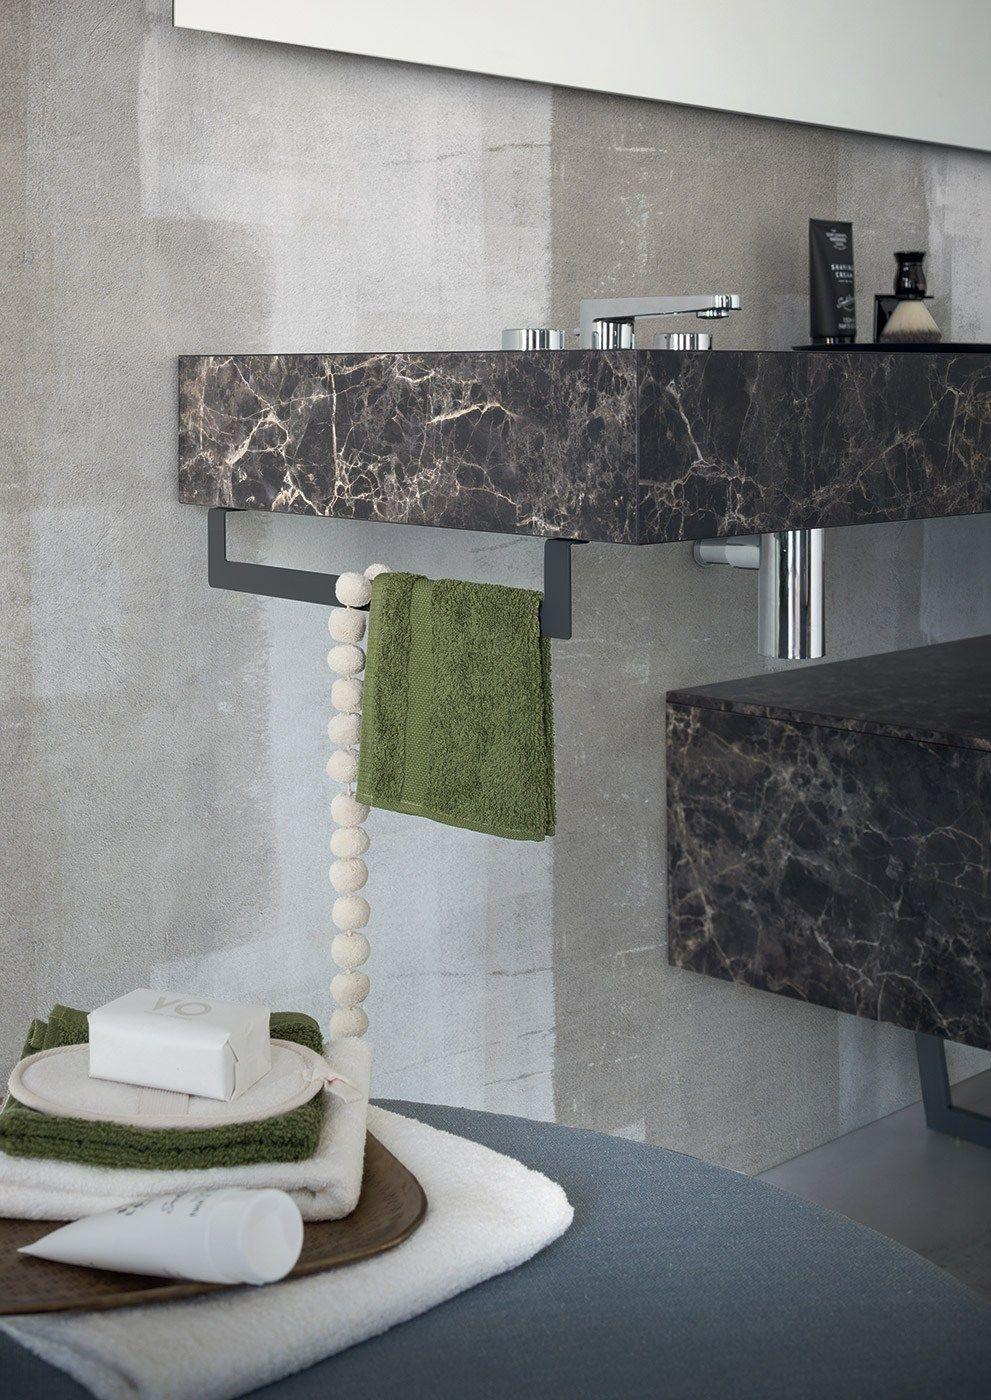 Mobile bagno in stile moderno 92 - 3.0 Collection by RAB Arredobagno design Ufficio tecnico RAB ...